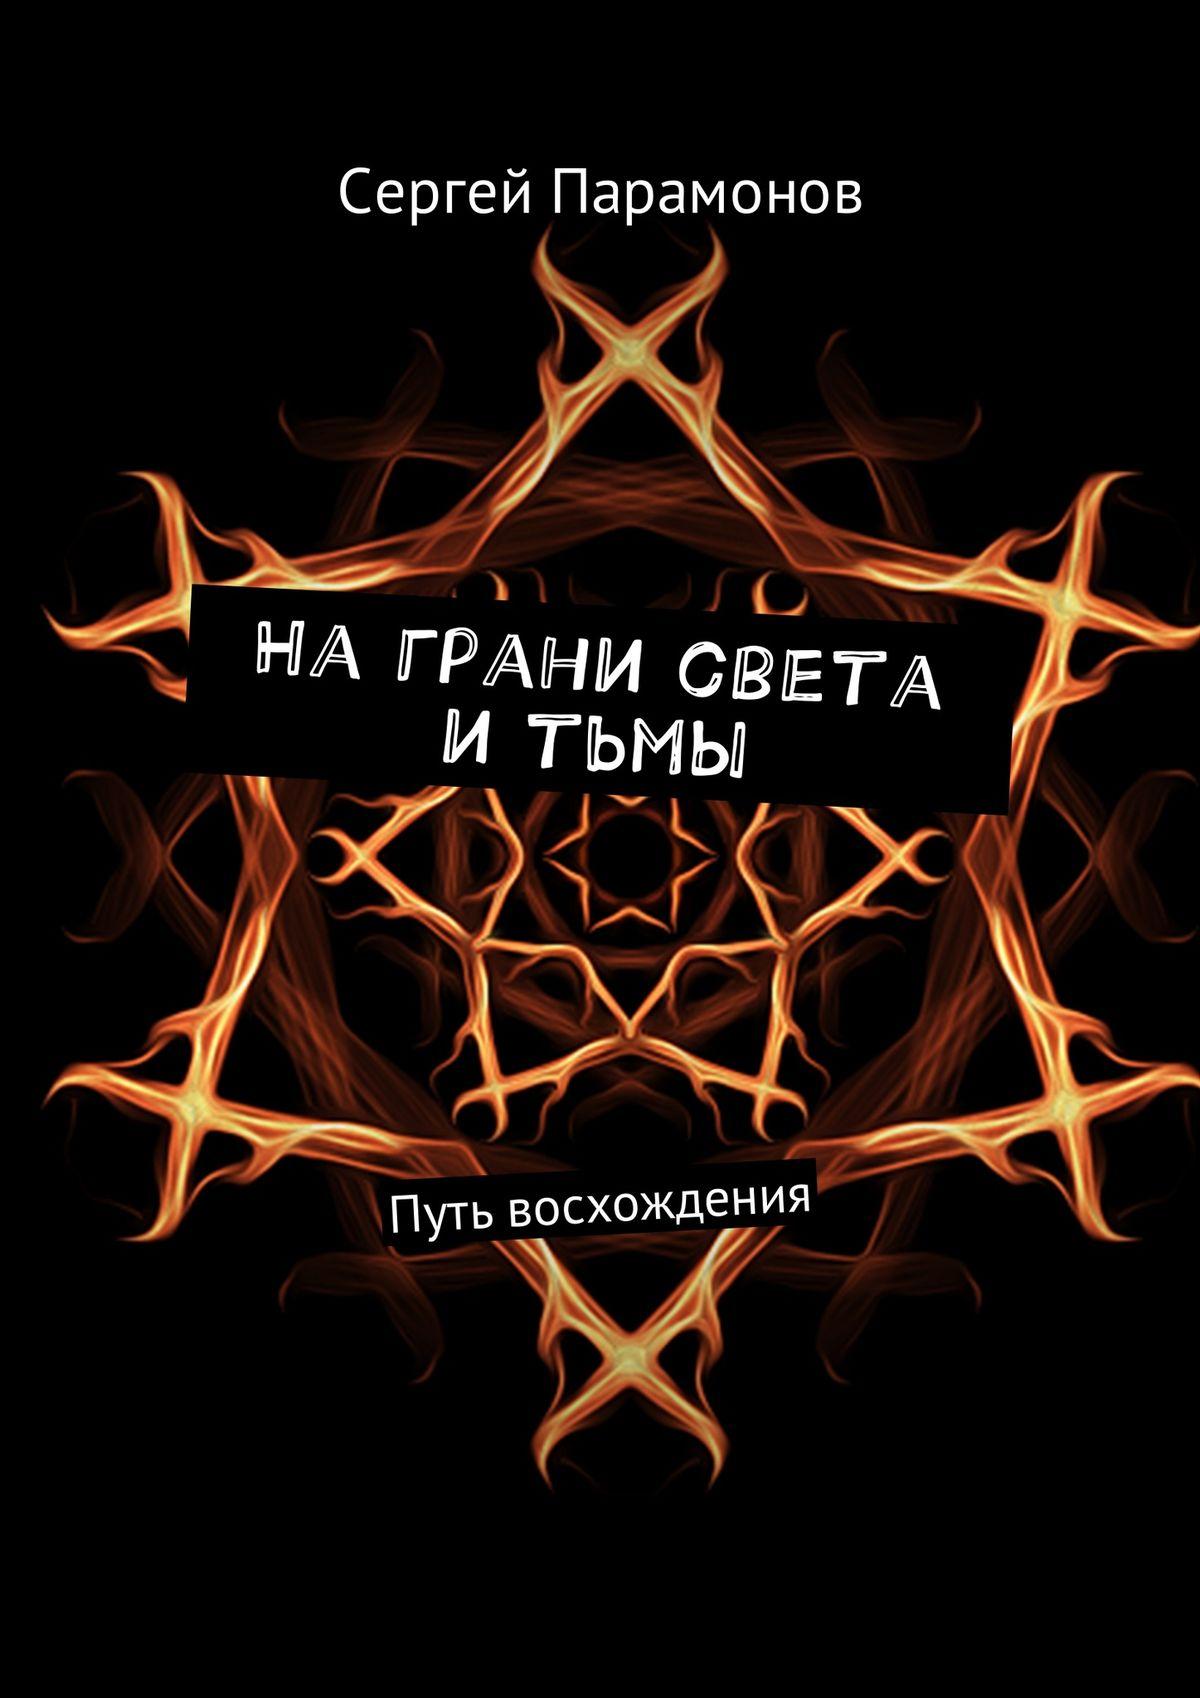 Сергей Парамонов Награни света итьмы. Путь восхождения антонина гонцова путь света